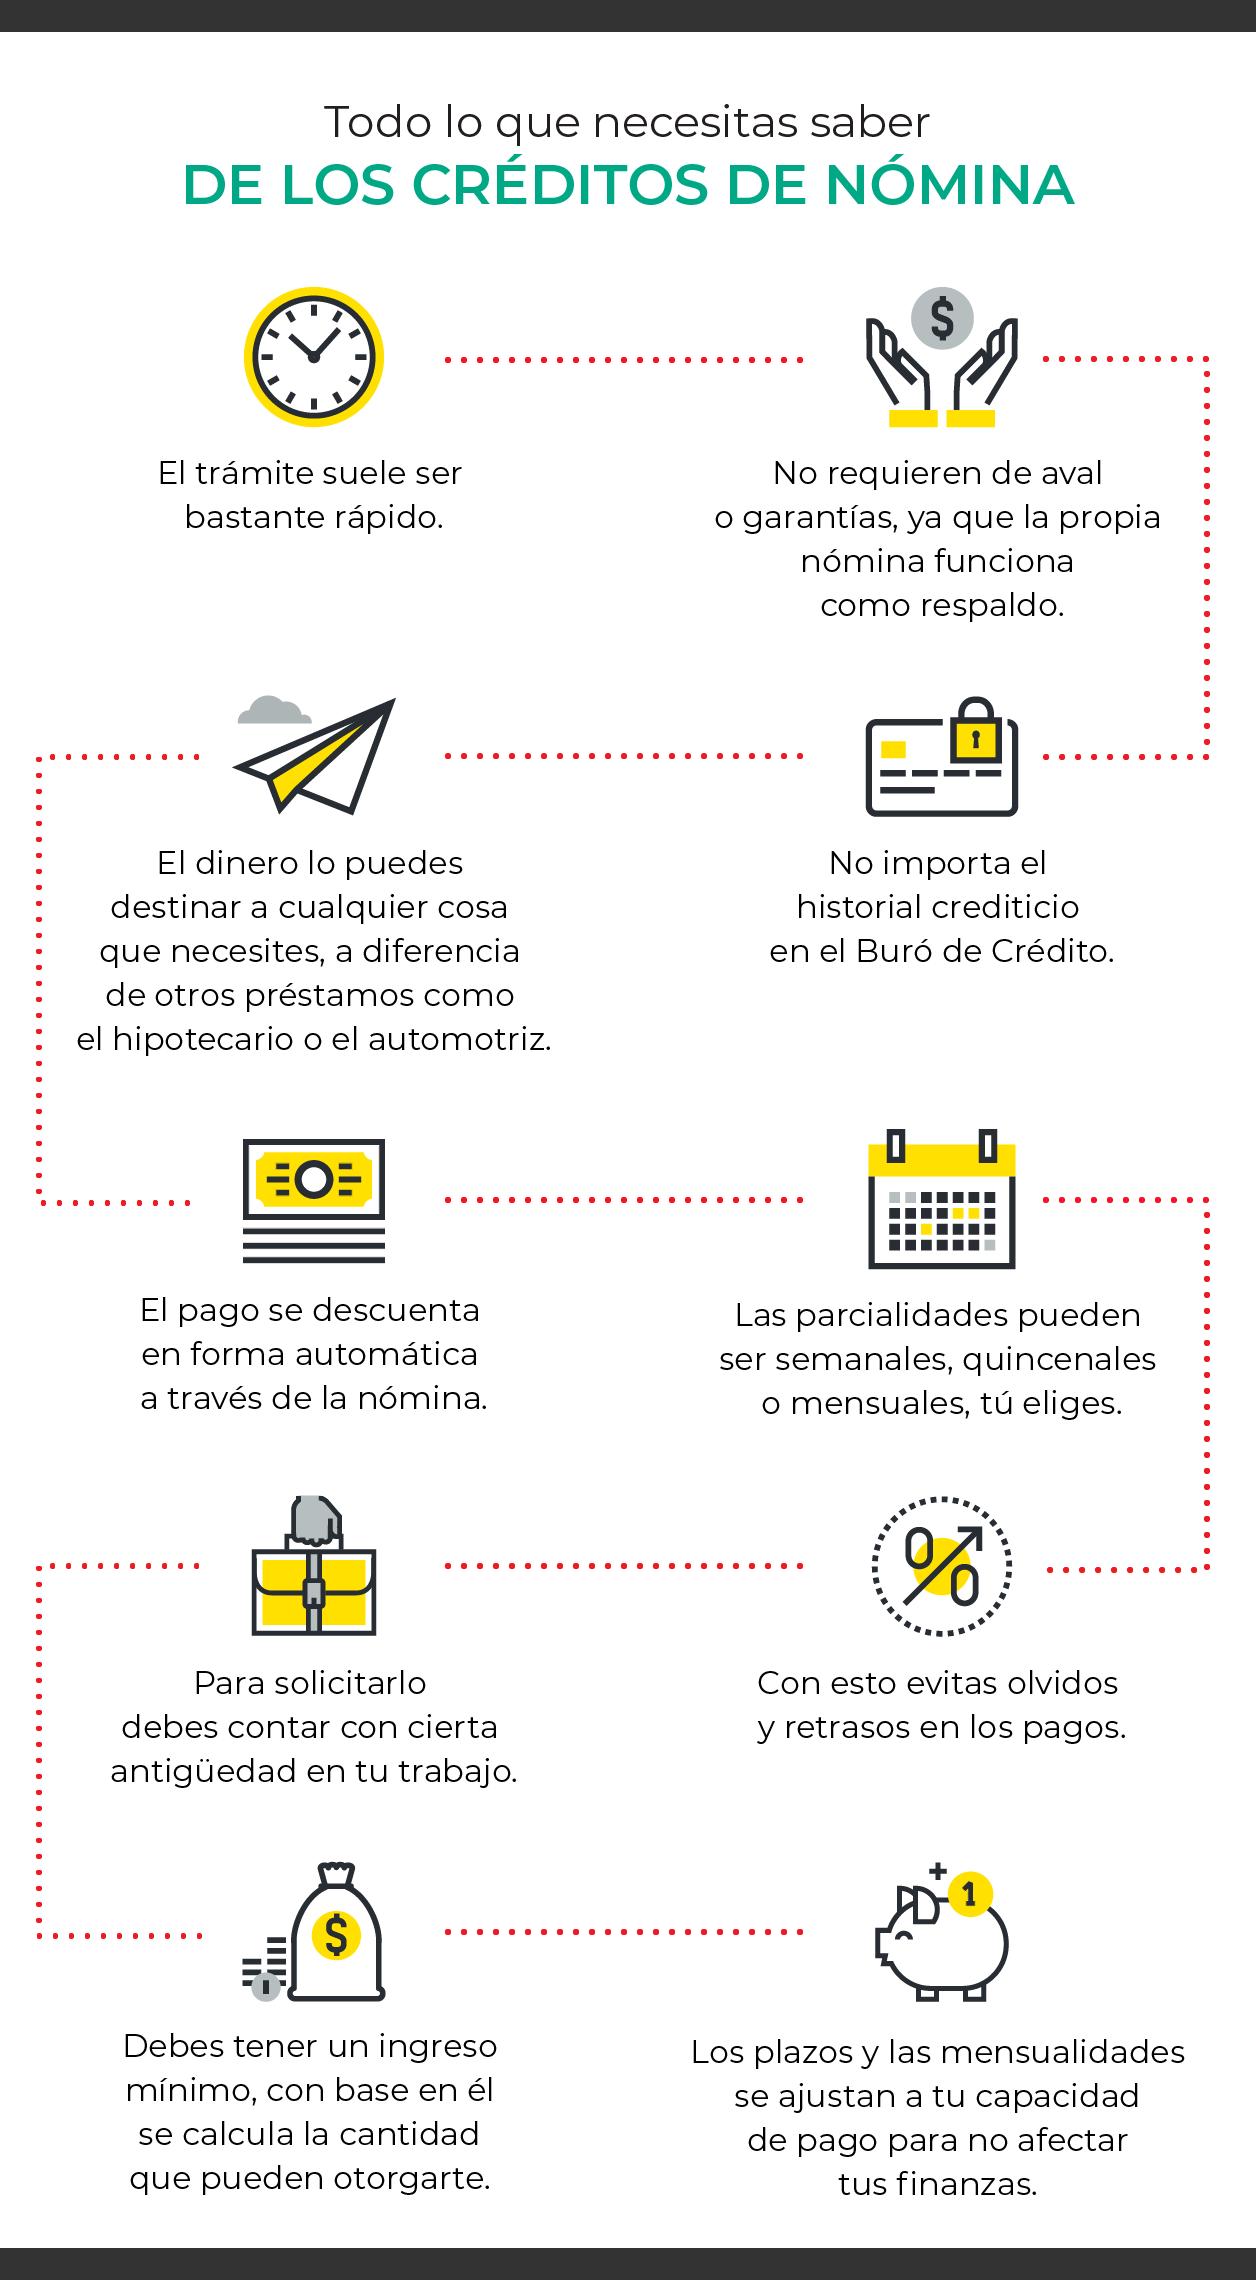 Infografia_Que_es_un_credito_de_nomina